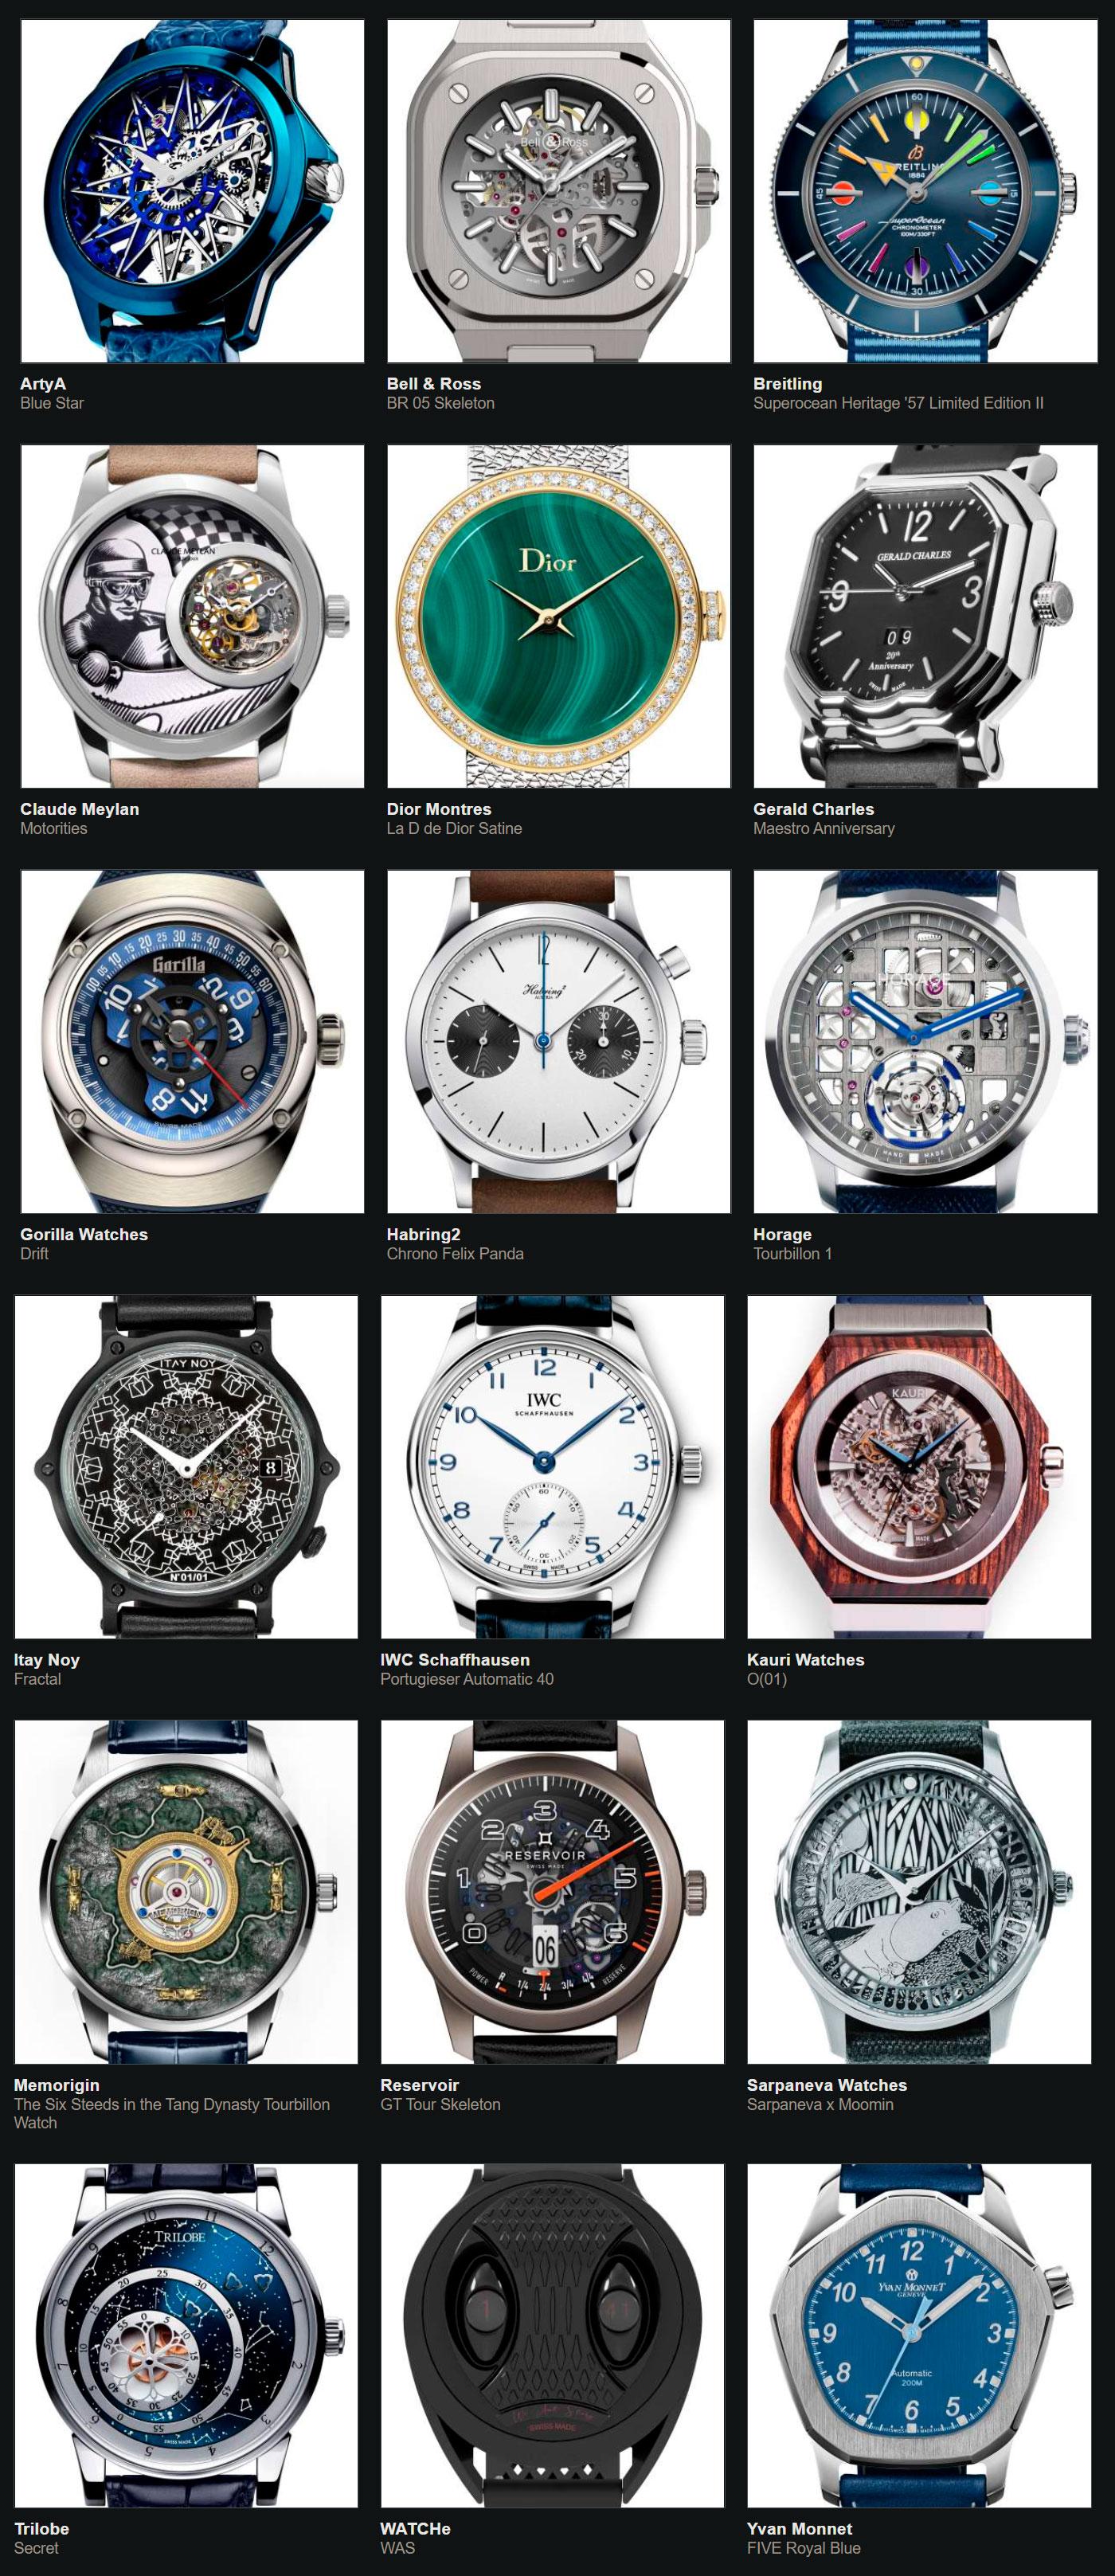 Relojes preseleccionados para el Gran Premio de Relojería de Ginebra 2020 Petit Aiguille